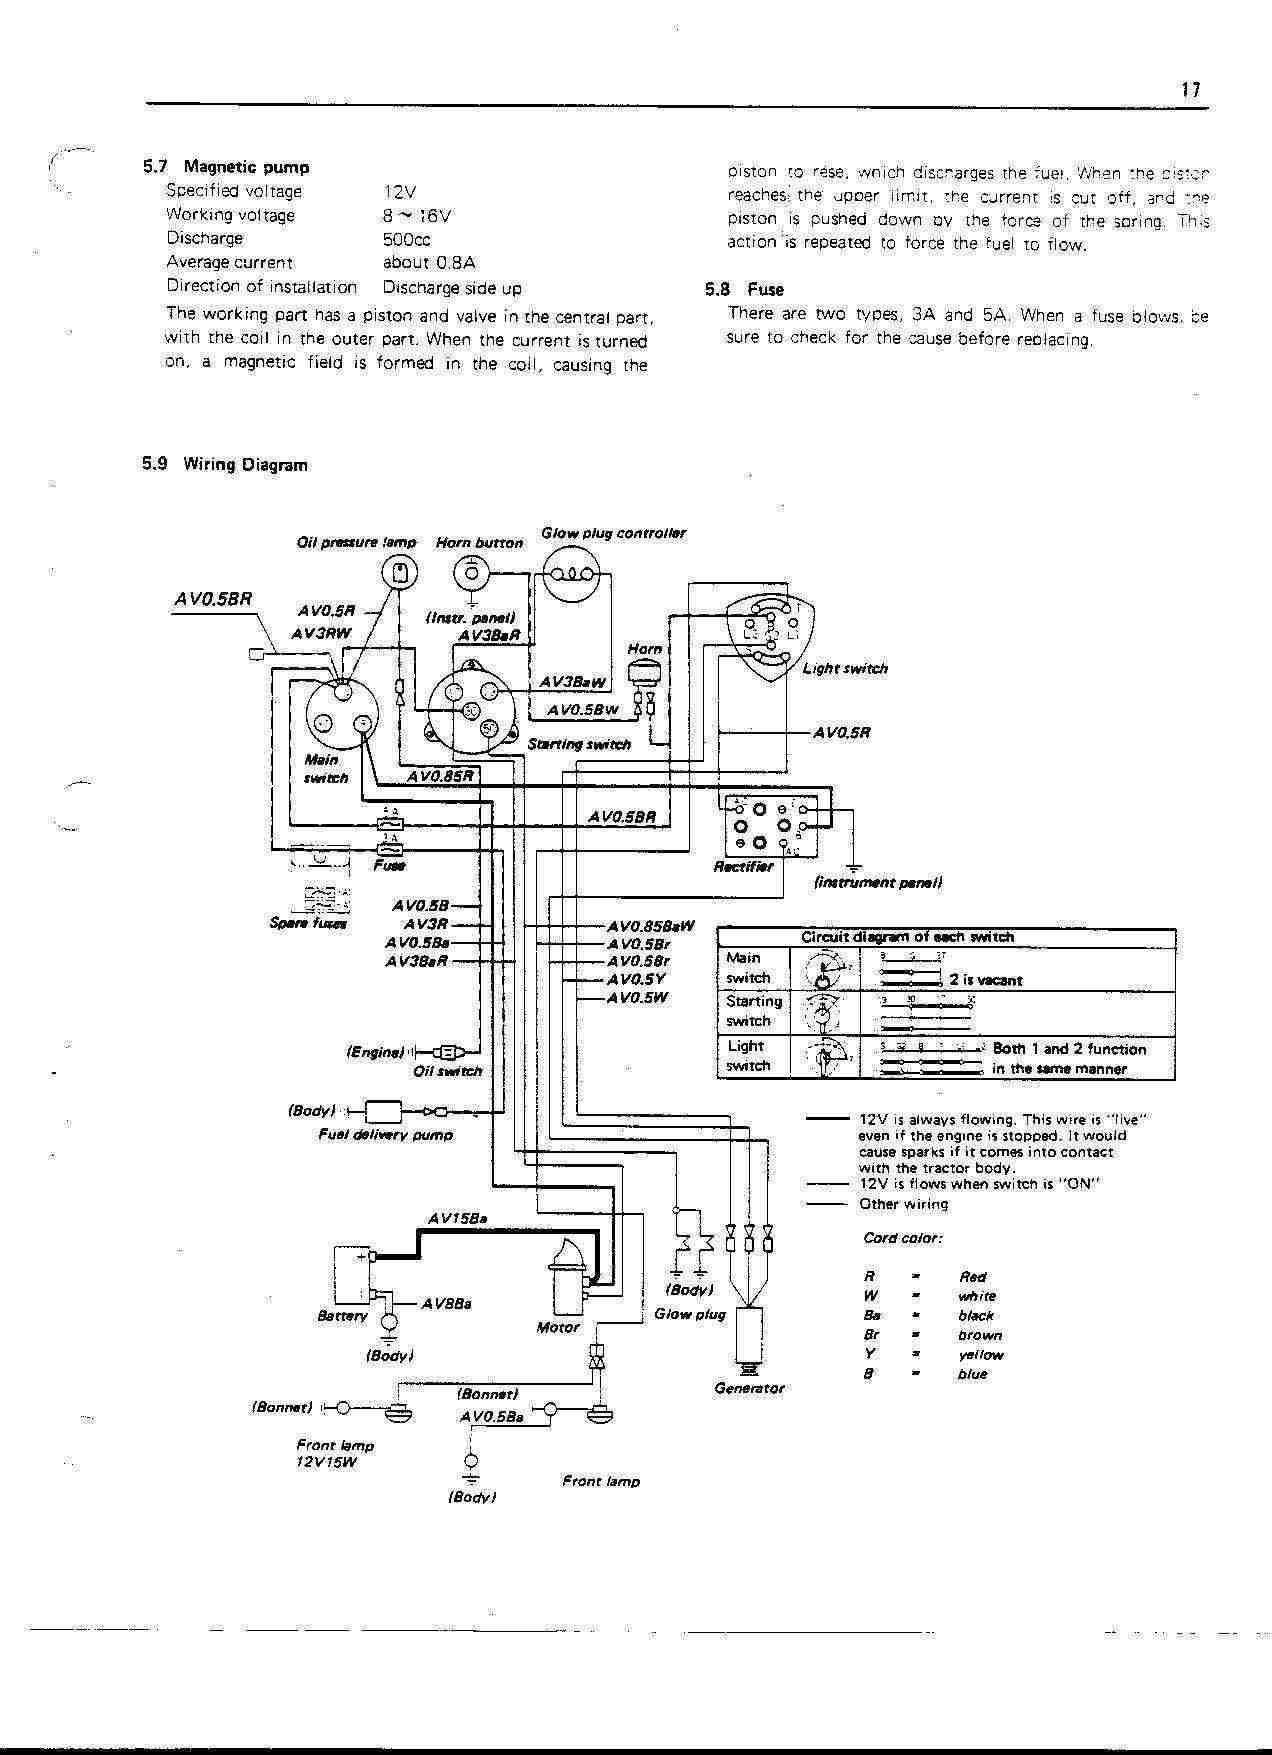 wiring diagram for kubota bx2200 wiring kubota tractor wiring diagram jodebal com source